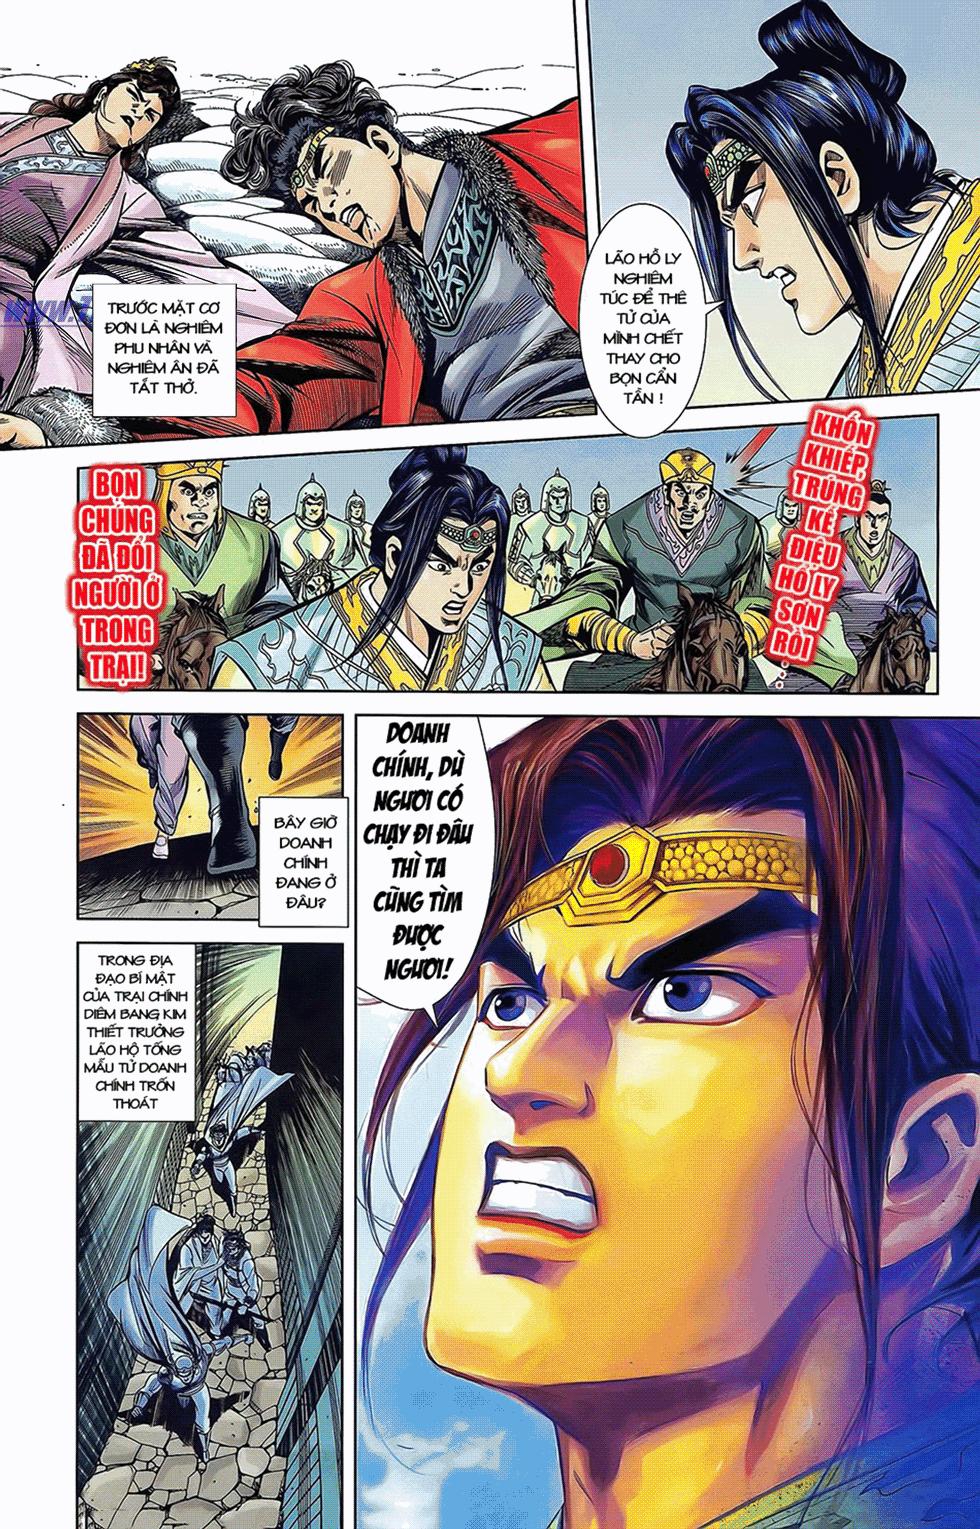 Tần Vương Doanh Chính chapter 11 trang 29